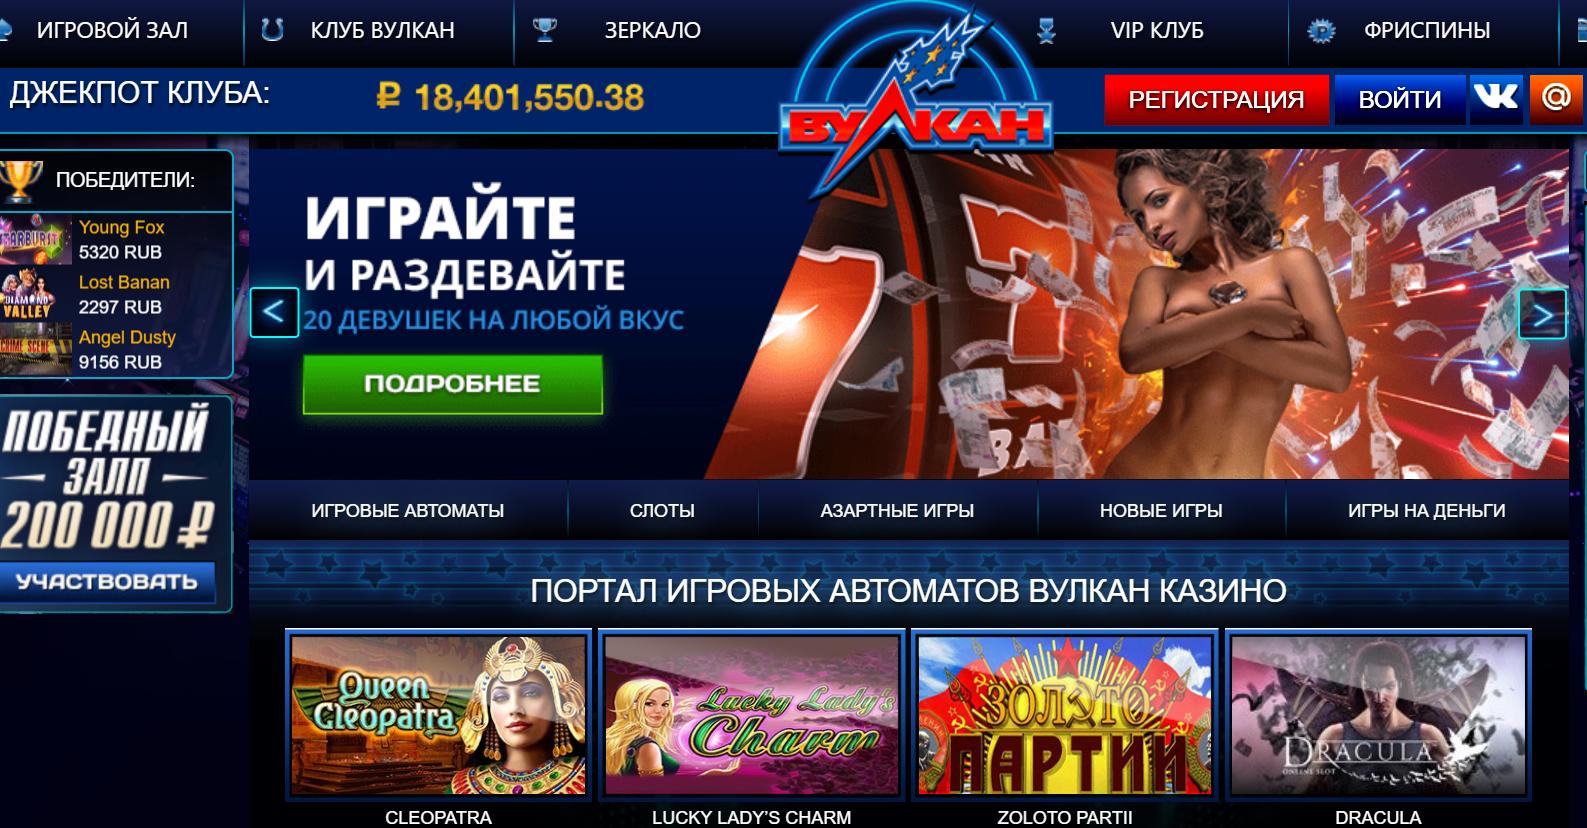 Онлайн-казино Вулкан и легкие деньги